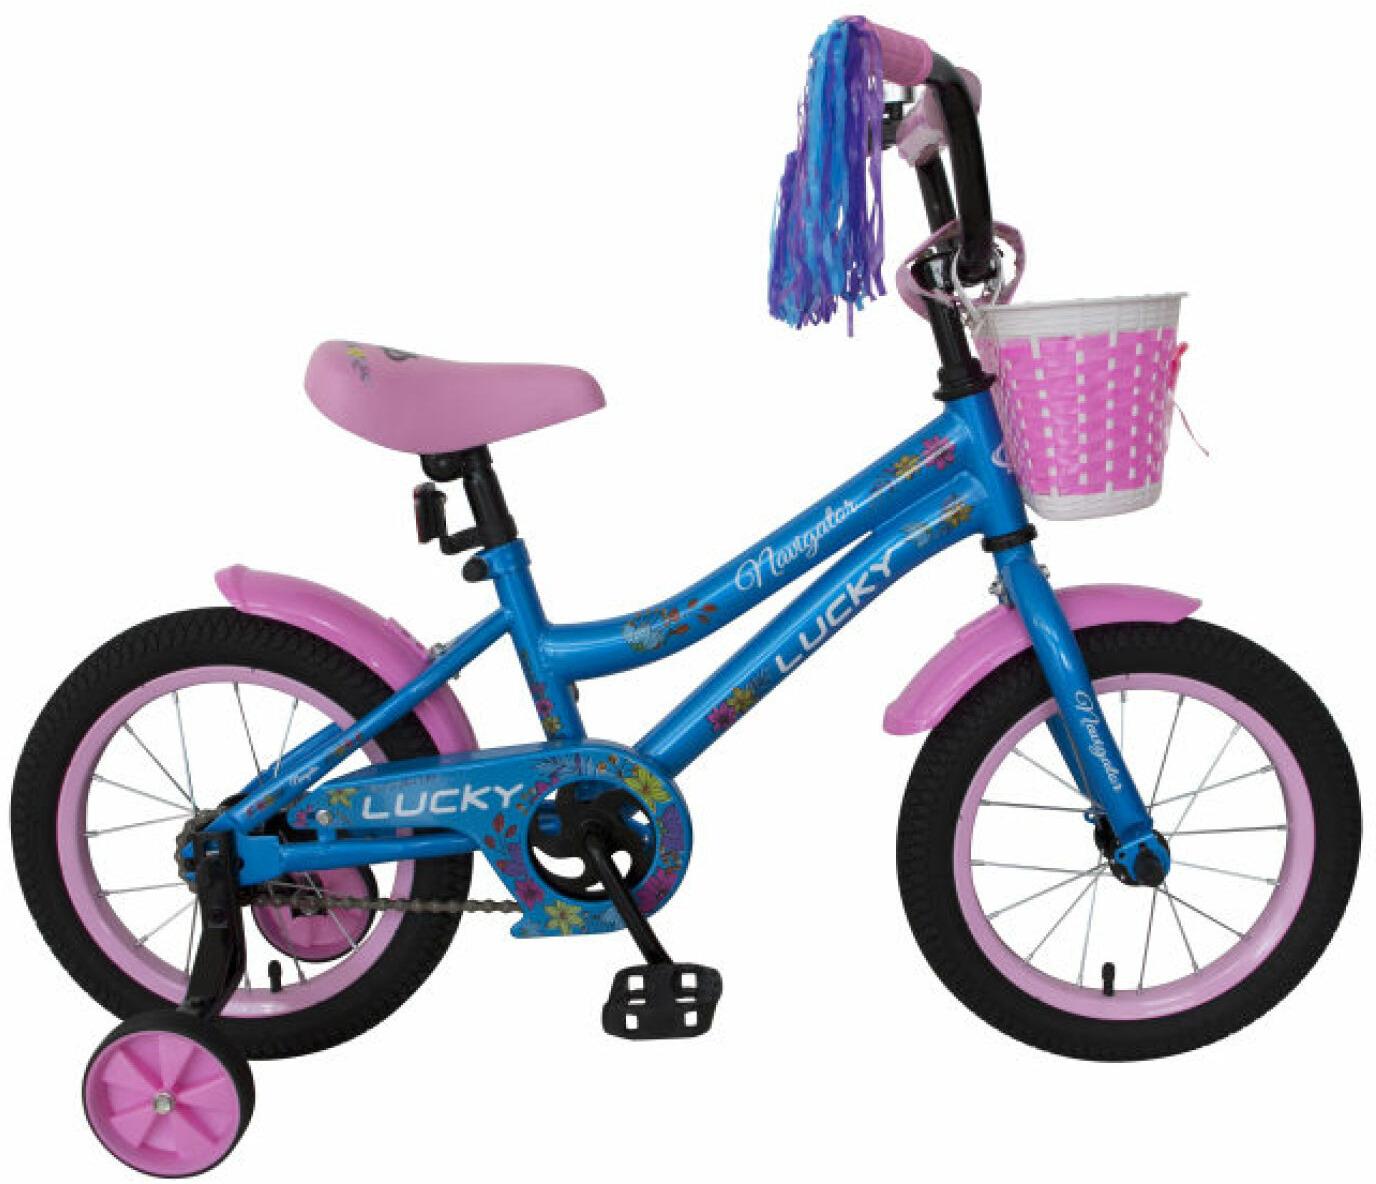 Велосипед детский Navigator Lucky, ВН14175, розовый, голубой, колесо 14